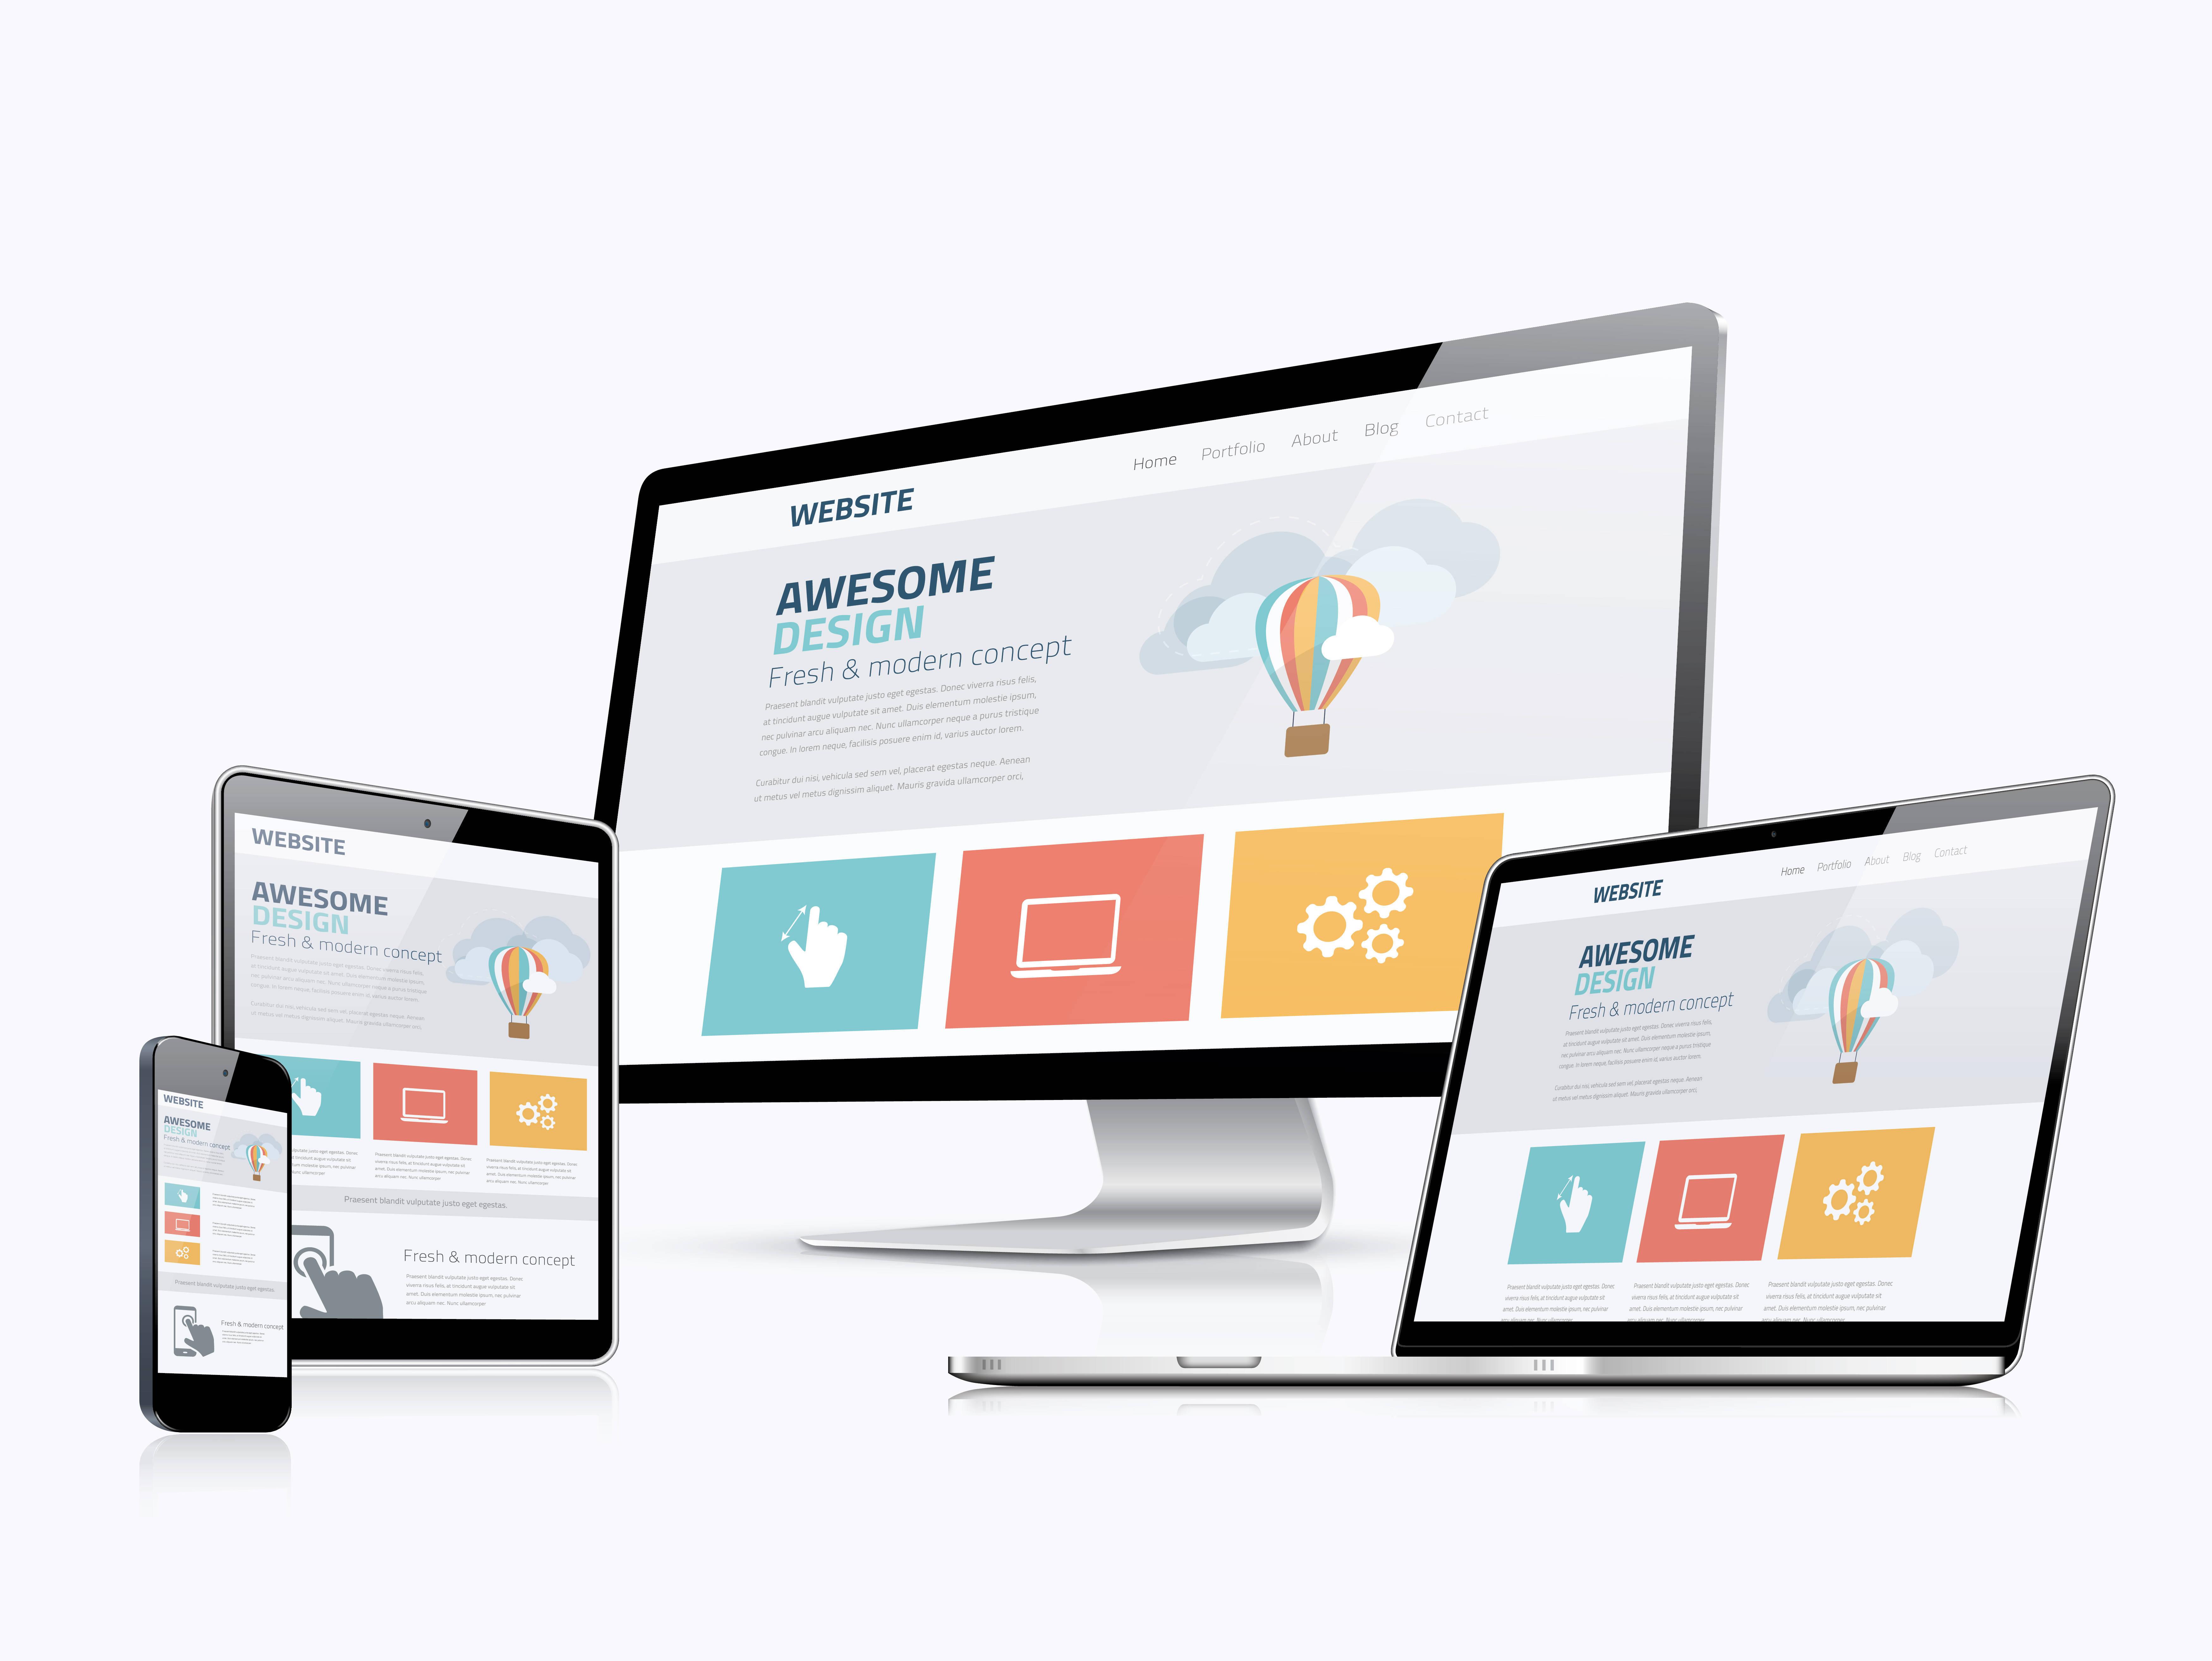 La página web y sus posibilidades. Ayudando al sector de la odontología